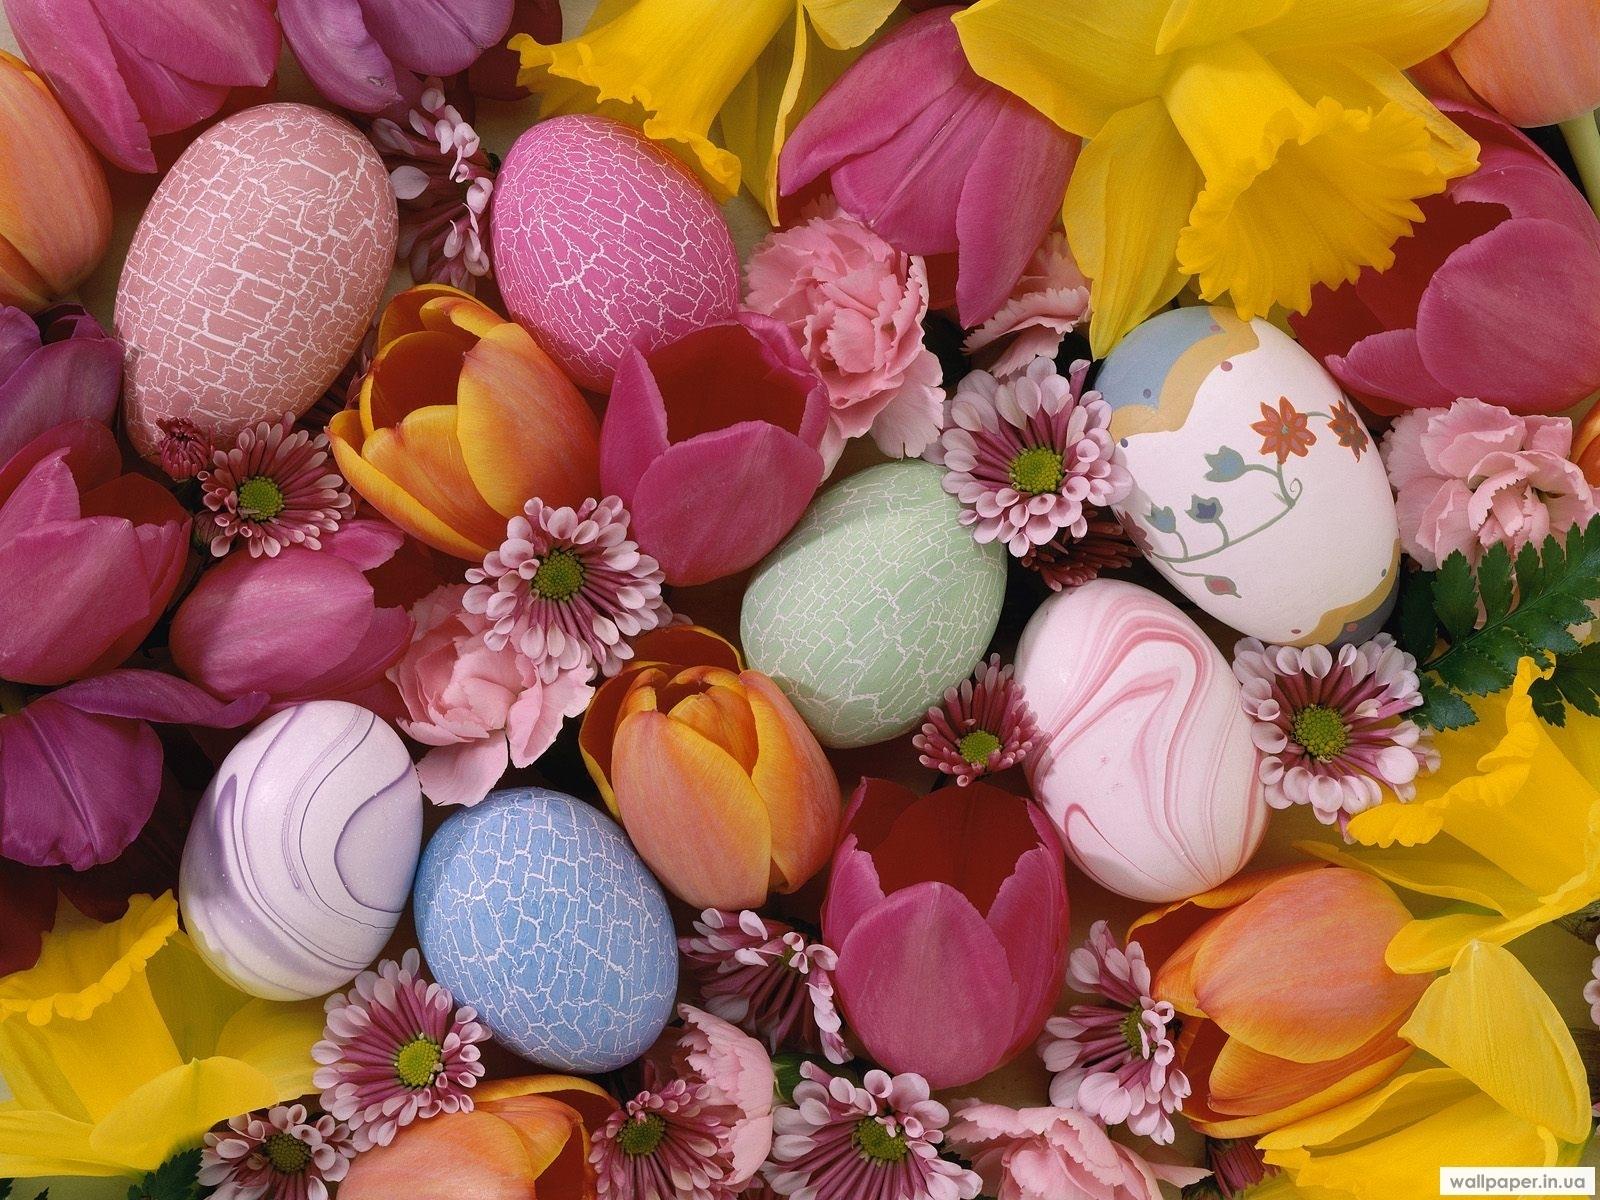 3443 descargar fondo de pantalla Plantas, Flores, Fondo, Huevos, Pascua: protectores de pantalla e imágenes gratis